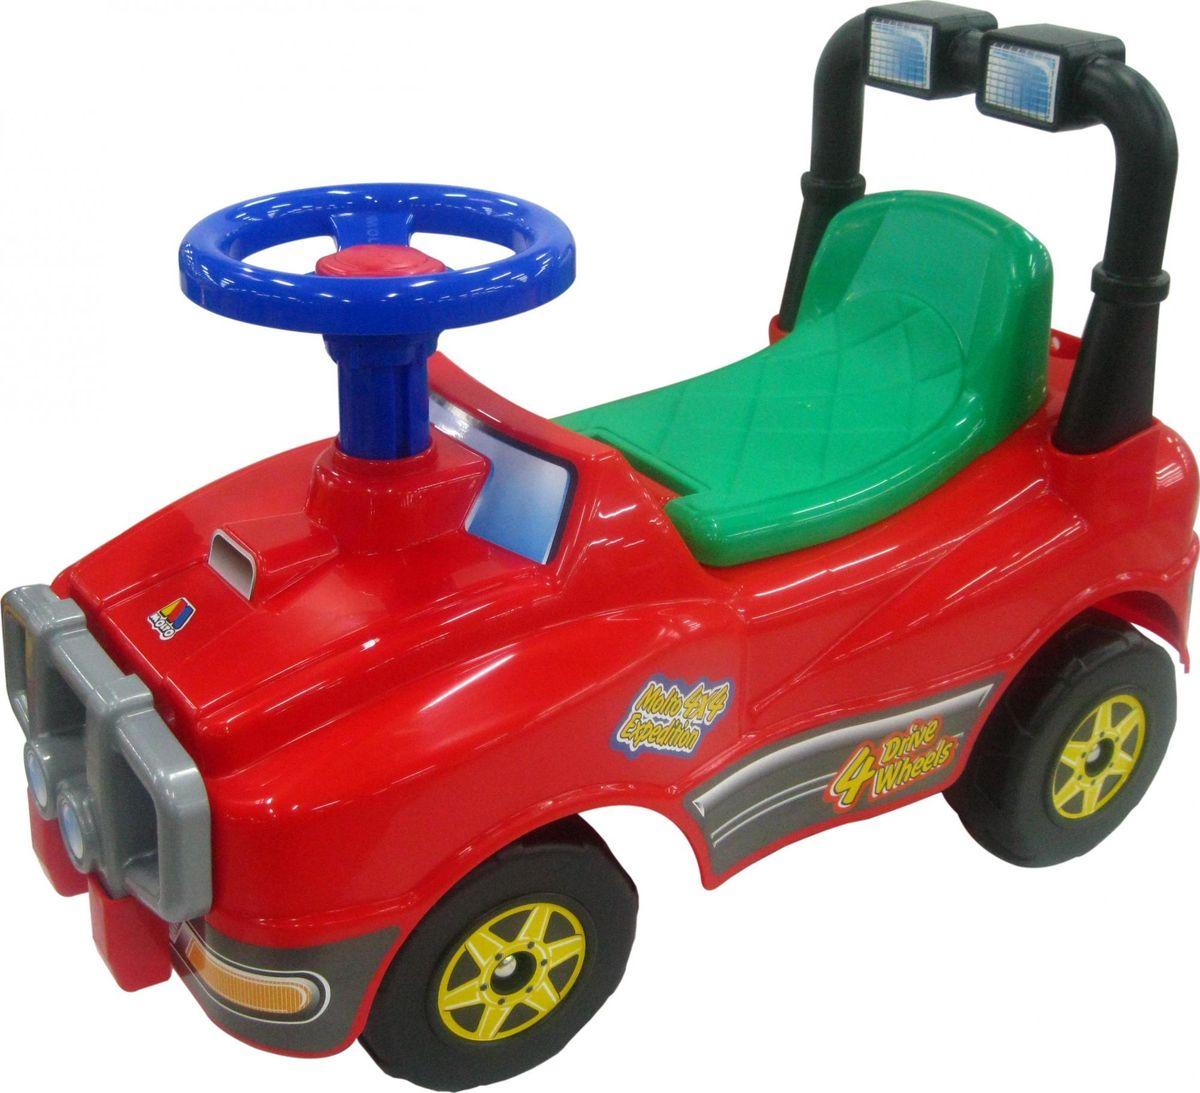 Полесье Автомобиль-каталка Джип №2 цвет красный - Каталки, понициклы